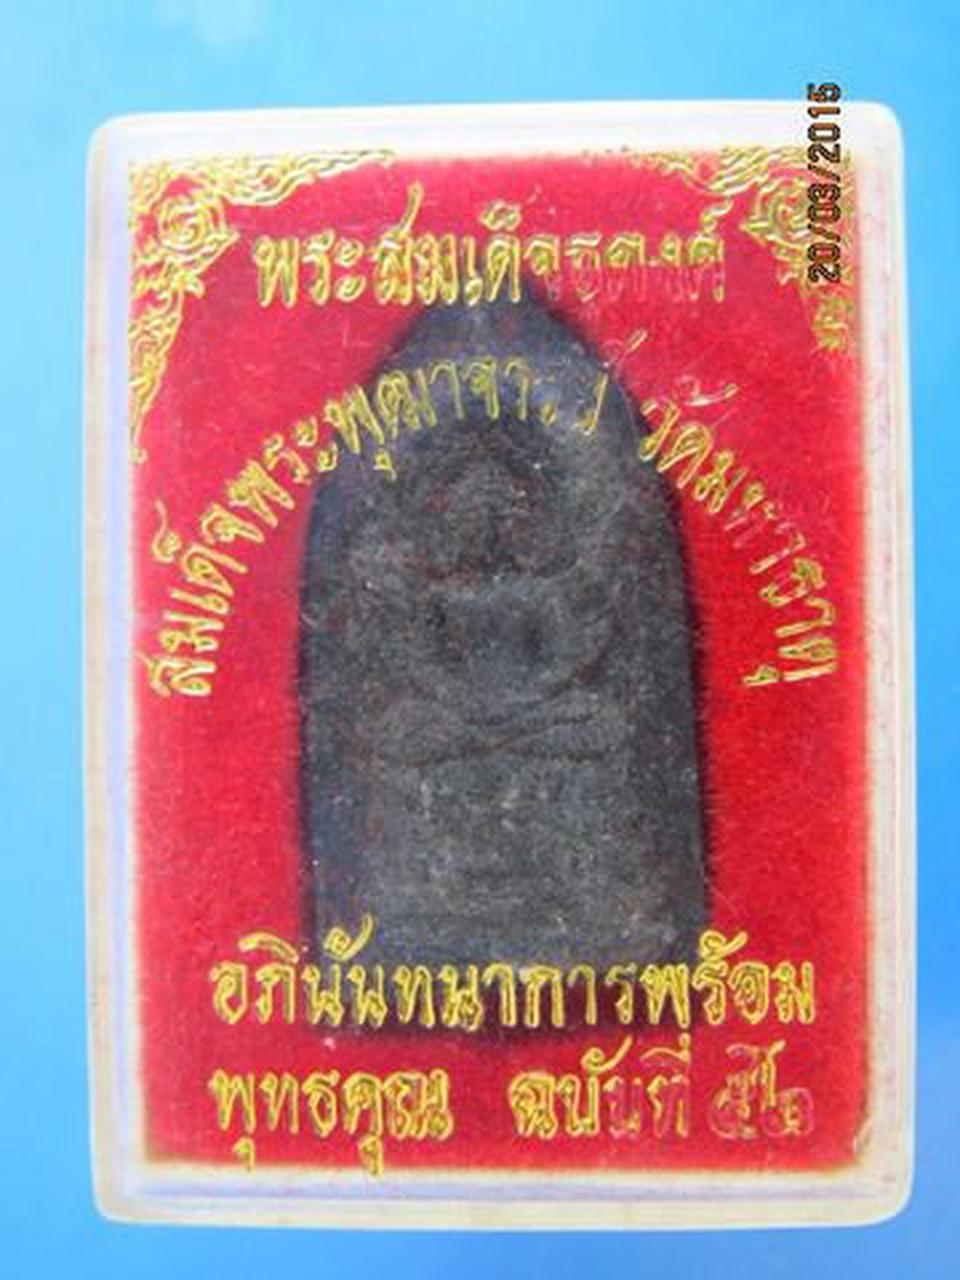 1391 พระสมเด็จธุดงค์สมเด็จพระพุฒาจารย์ วัดมหาธาตุ รูปที่ 3